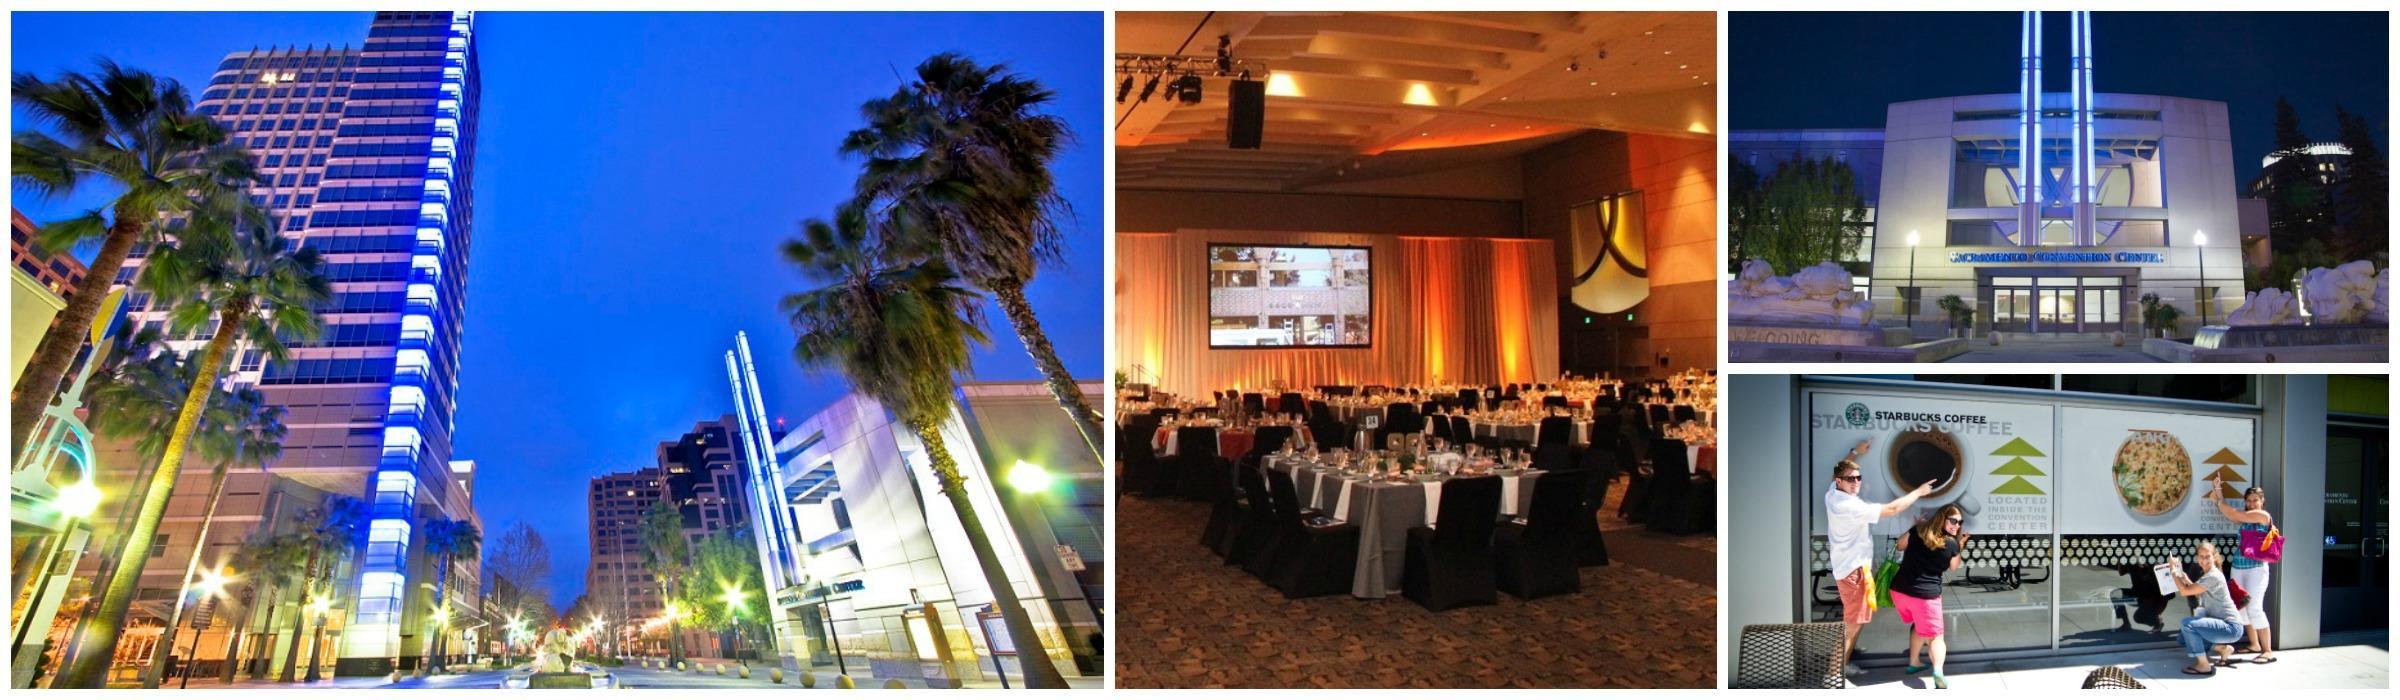 Convention Center header 2